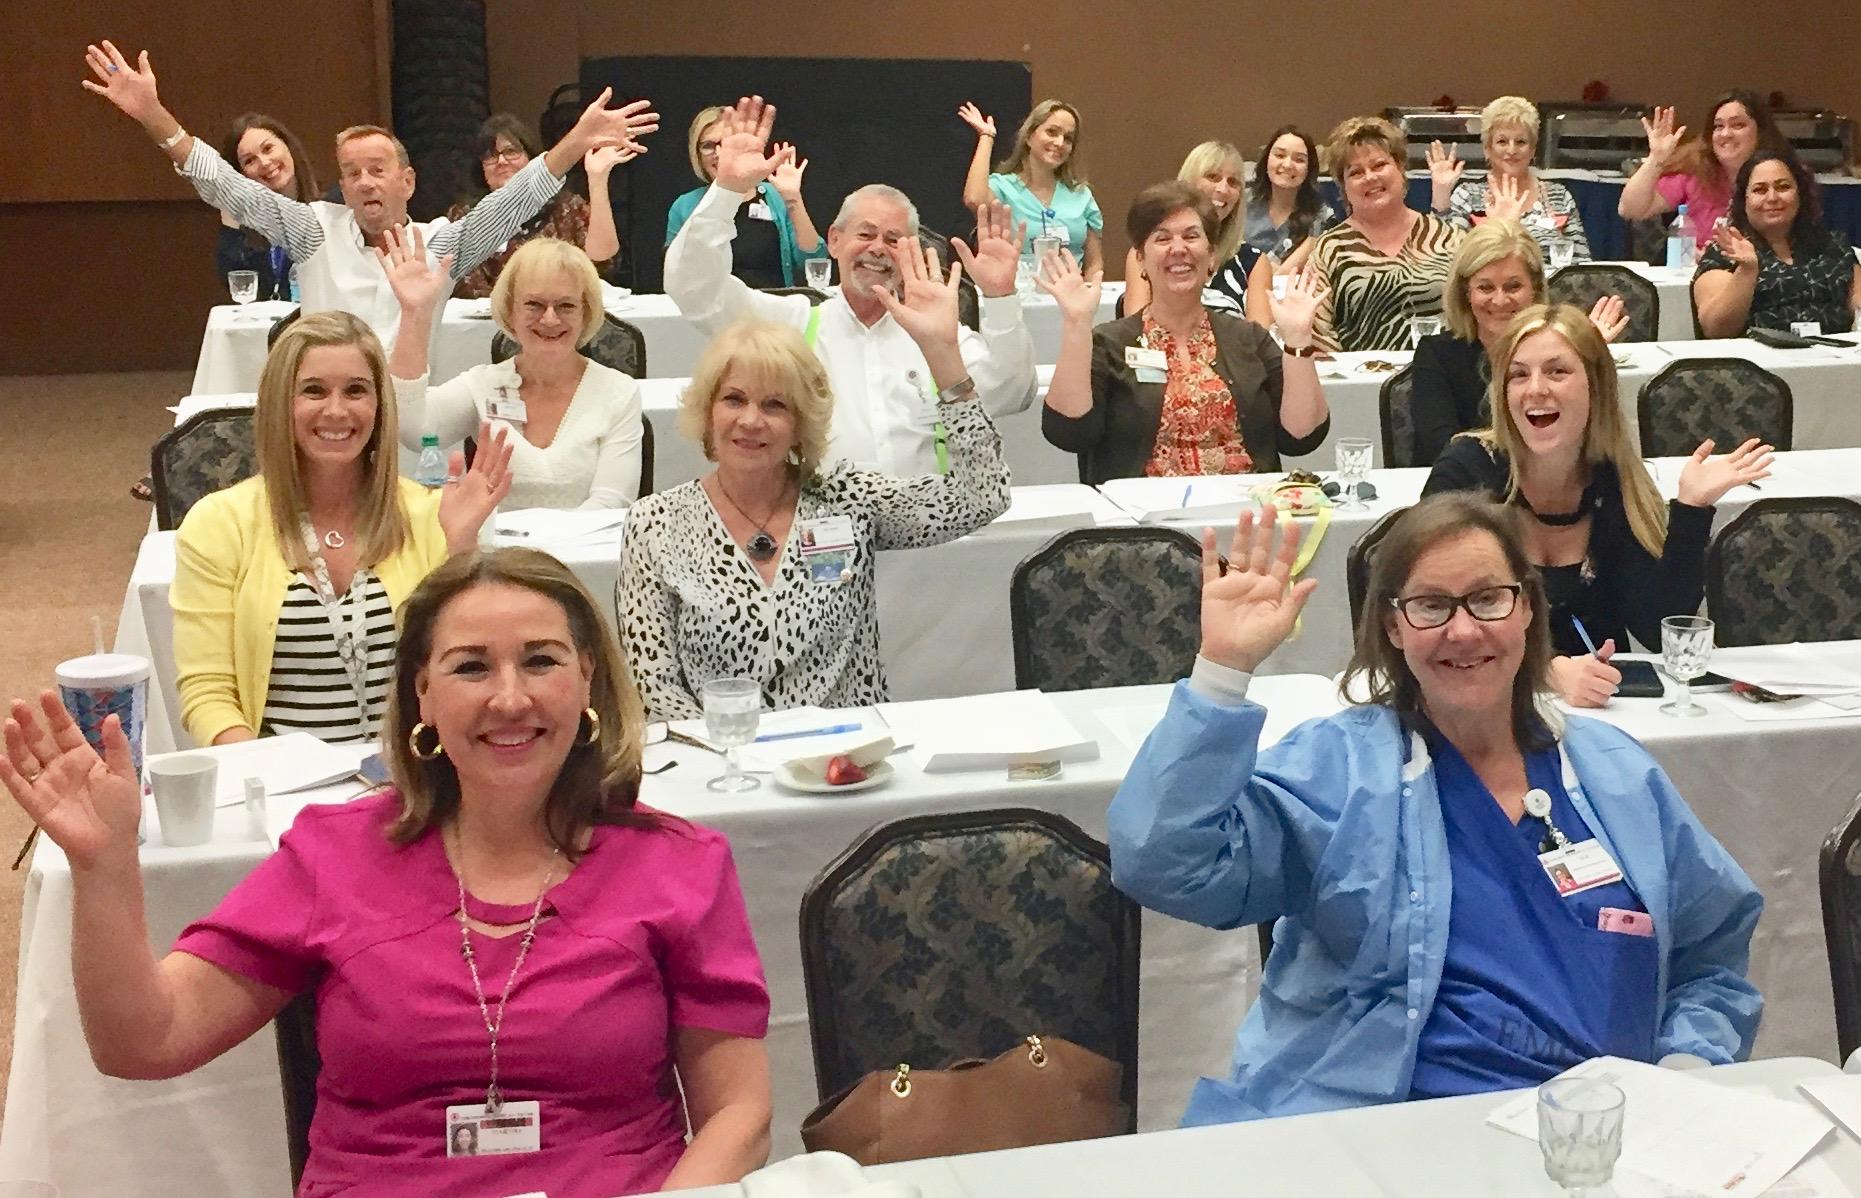 EMC group waving